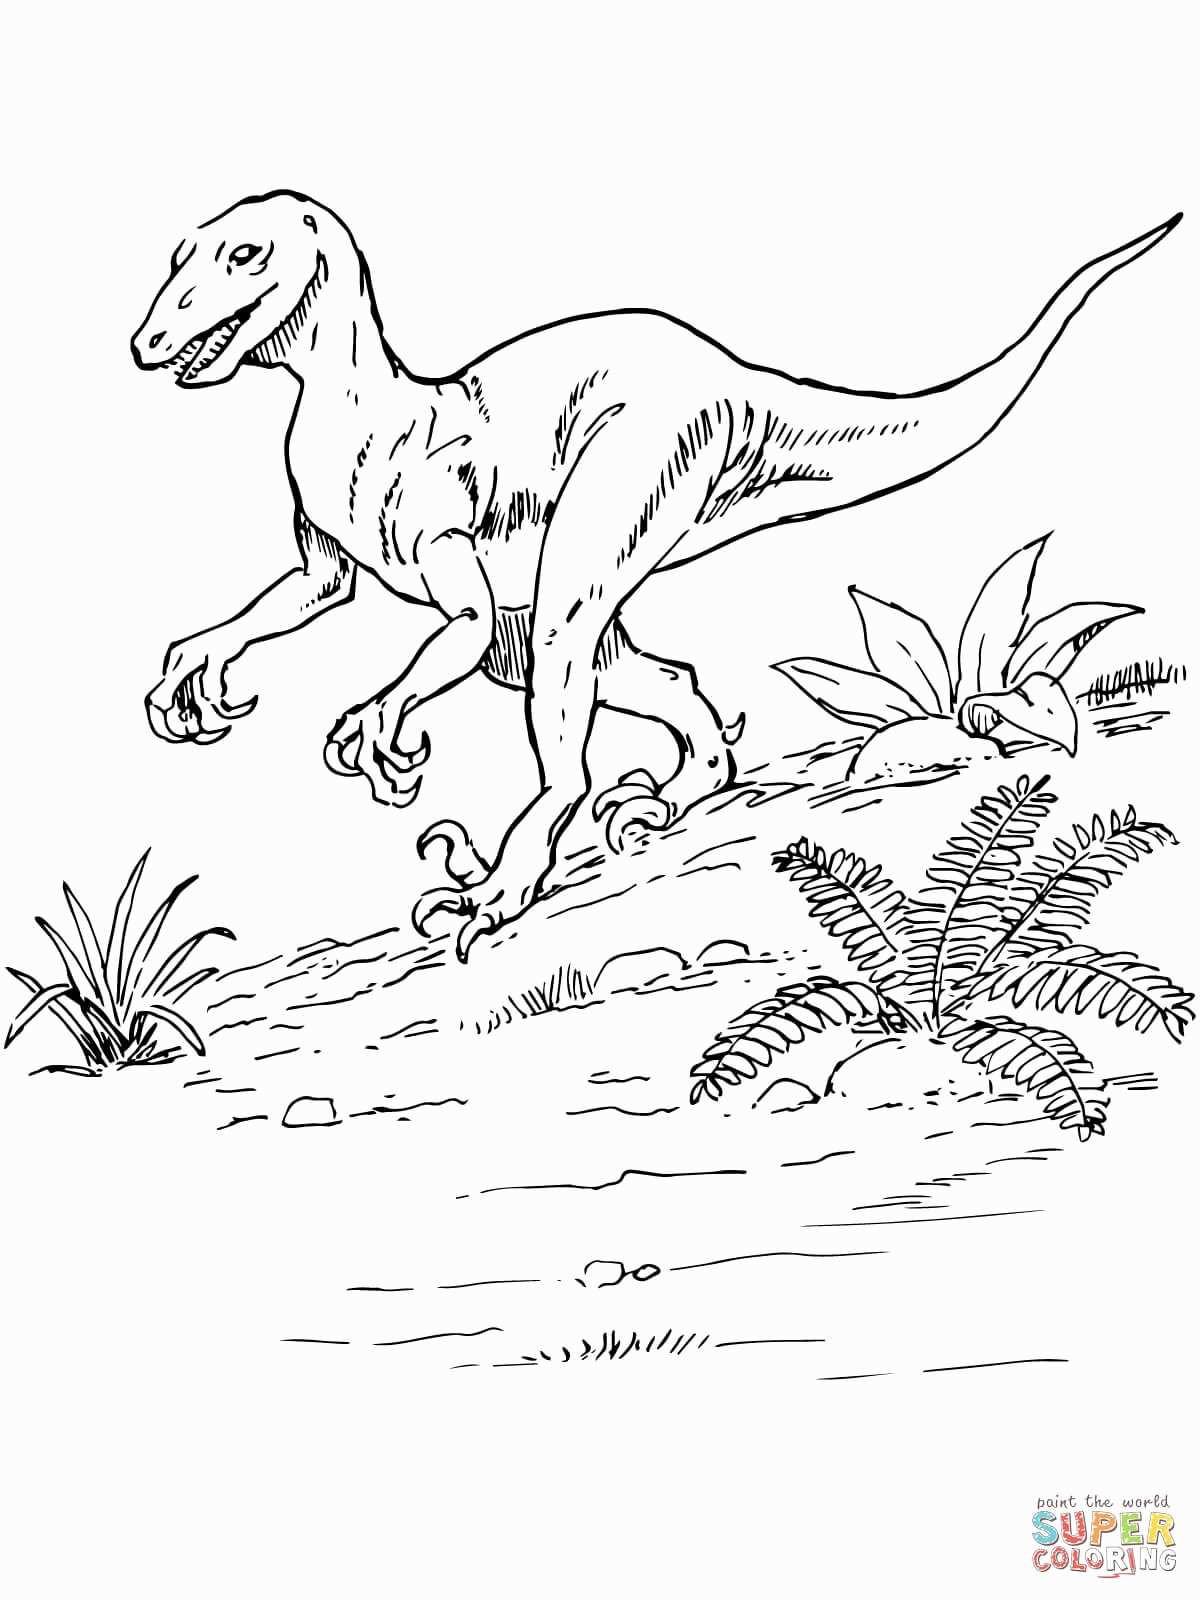 Jurassic World Ausmalbilder Das Beste Von Jurassic World Coloring Pages New Malvorlagen Igel Frisch Igel Galerie